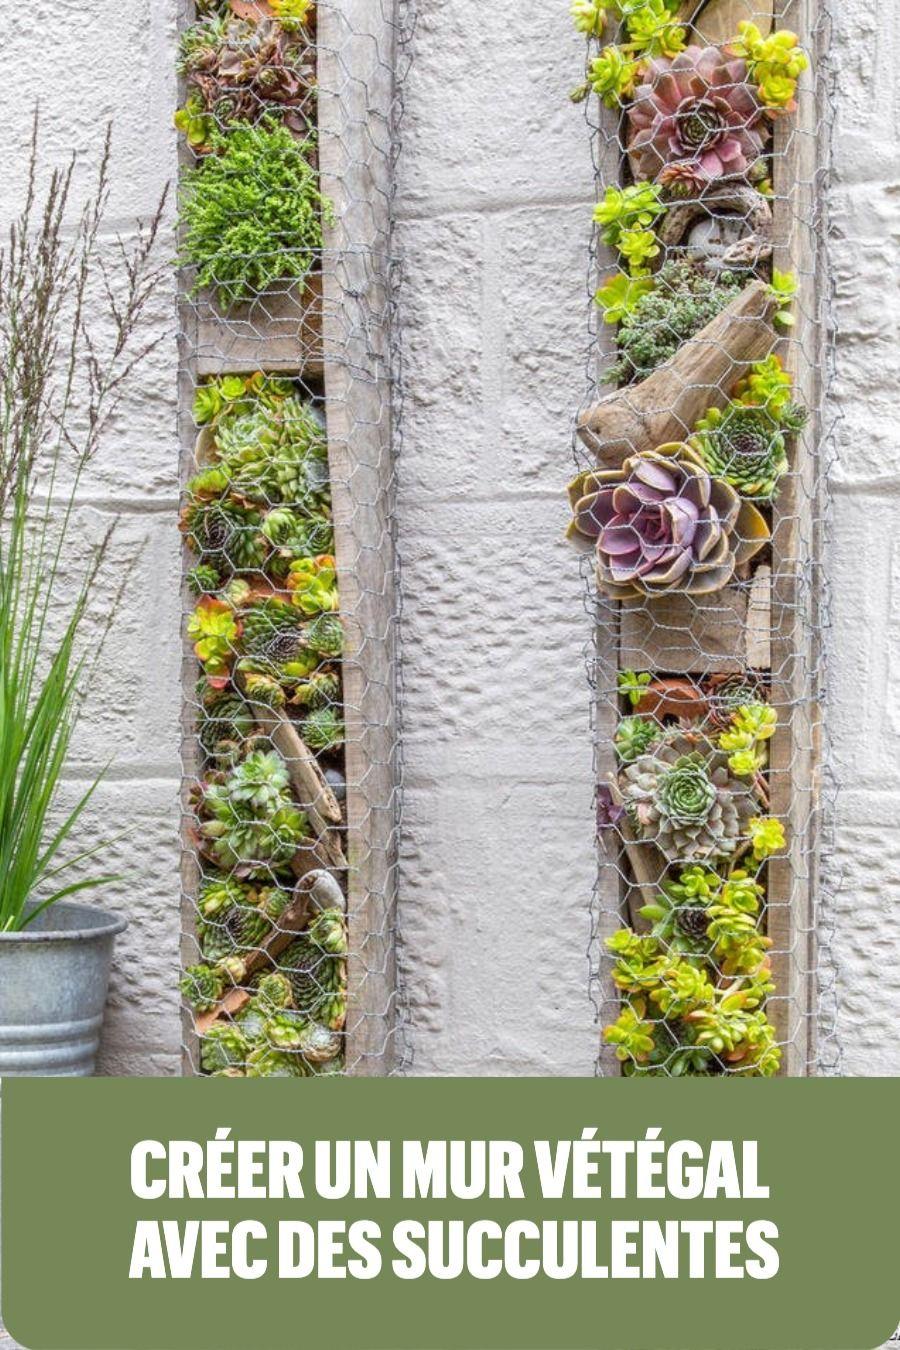 Faire Un Mur Végétal Extérieur : faire, végétal, extérieur, Faire, Végétal, Extérieur, Grillage, Succulentes, Exterieur,, Vegetal,